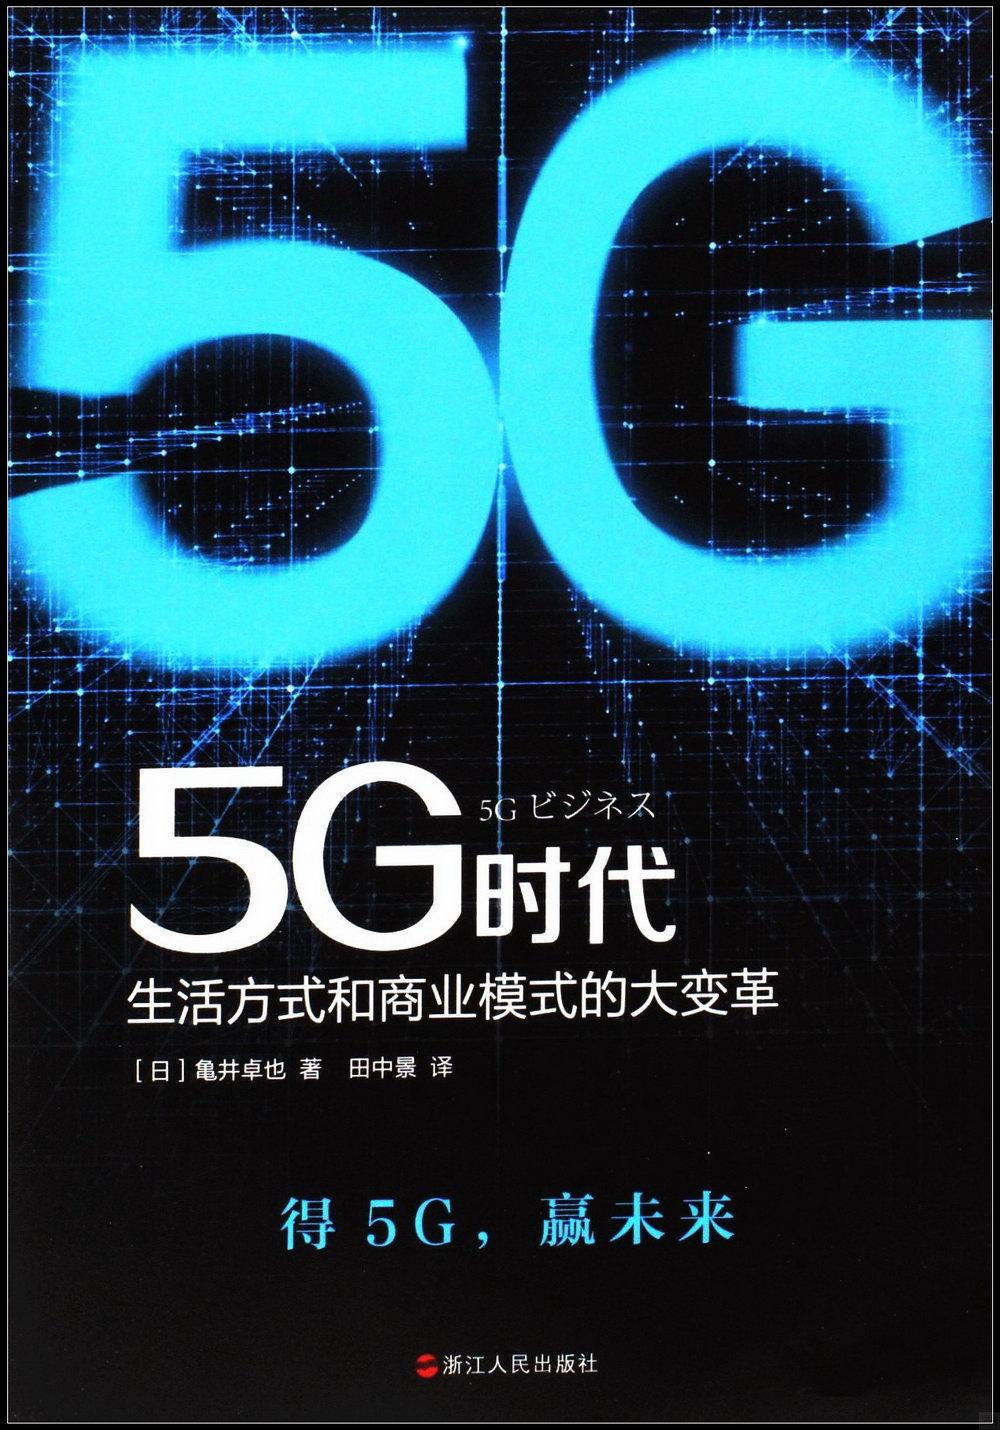 5G時代:生活方式和商業模式的大變革